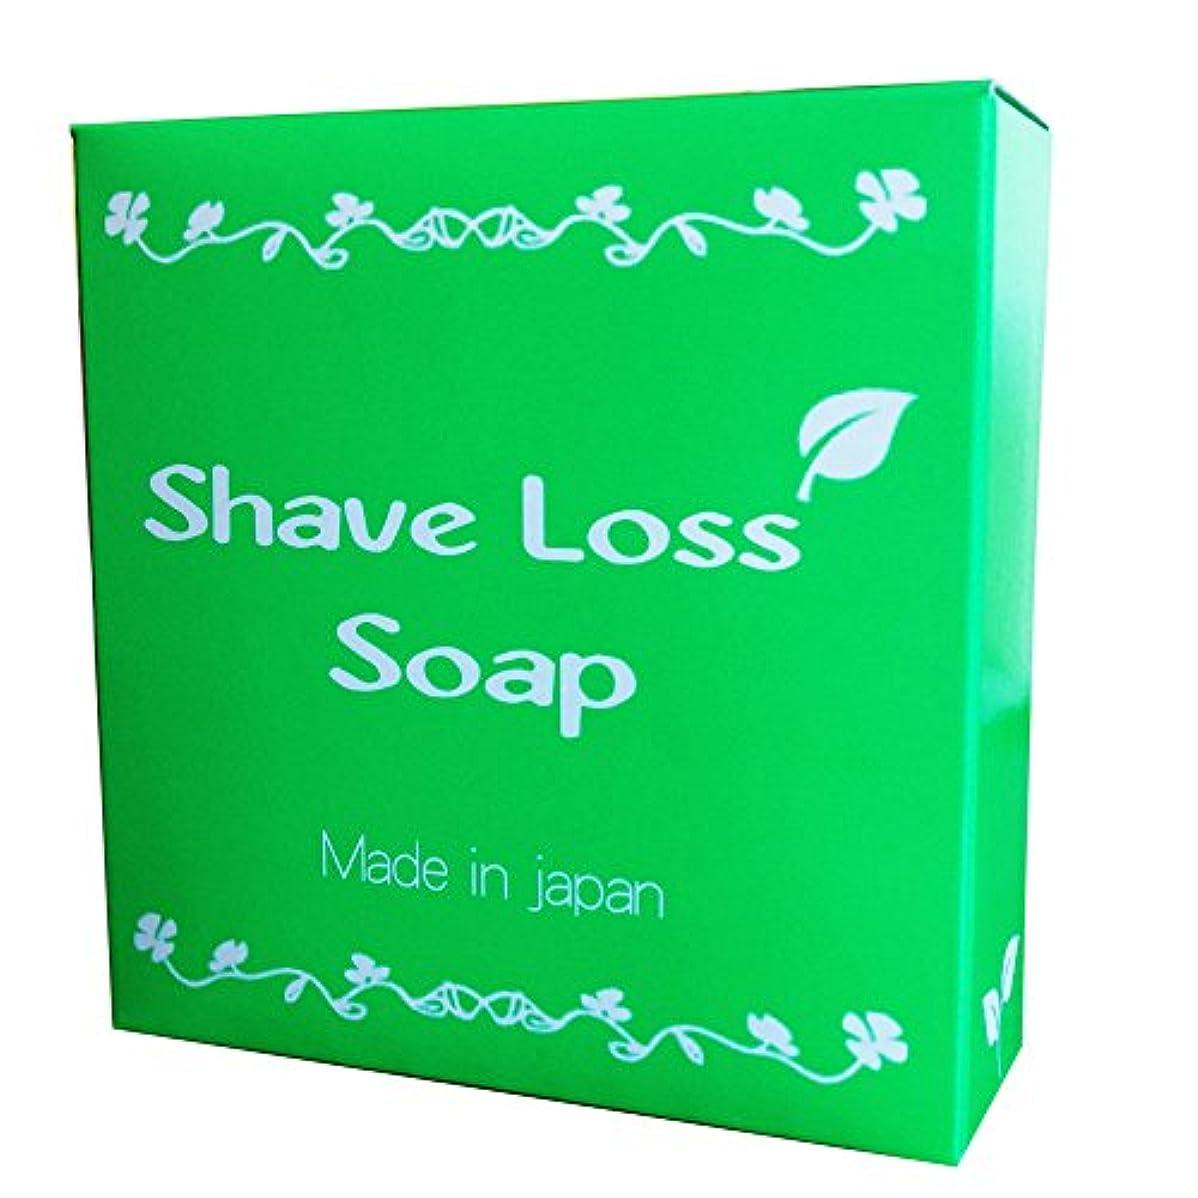 猟犬審判フェンスShave Loss Soap 女性のツルツルを叶える 奇跡の石鹸 80g (1個)